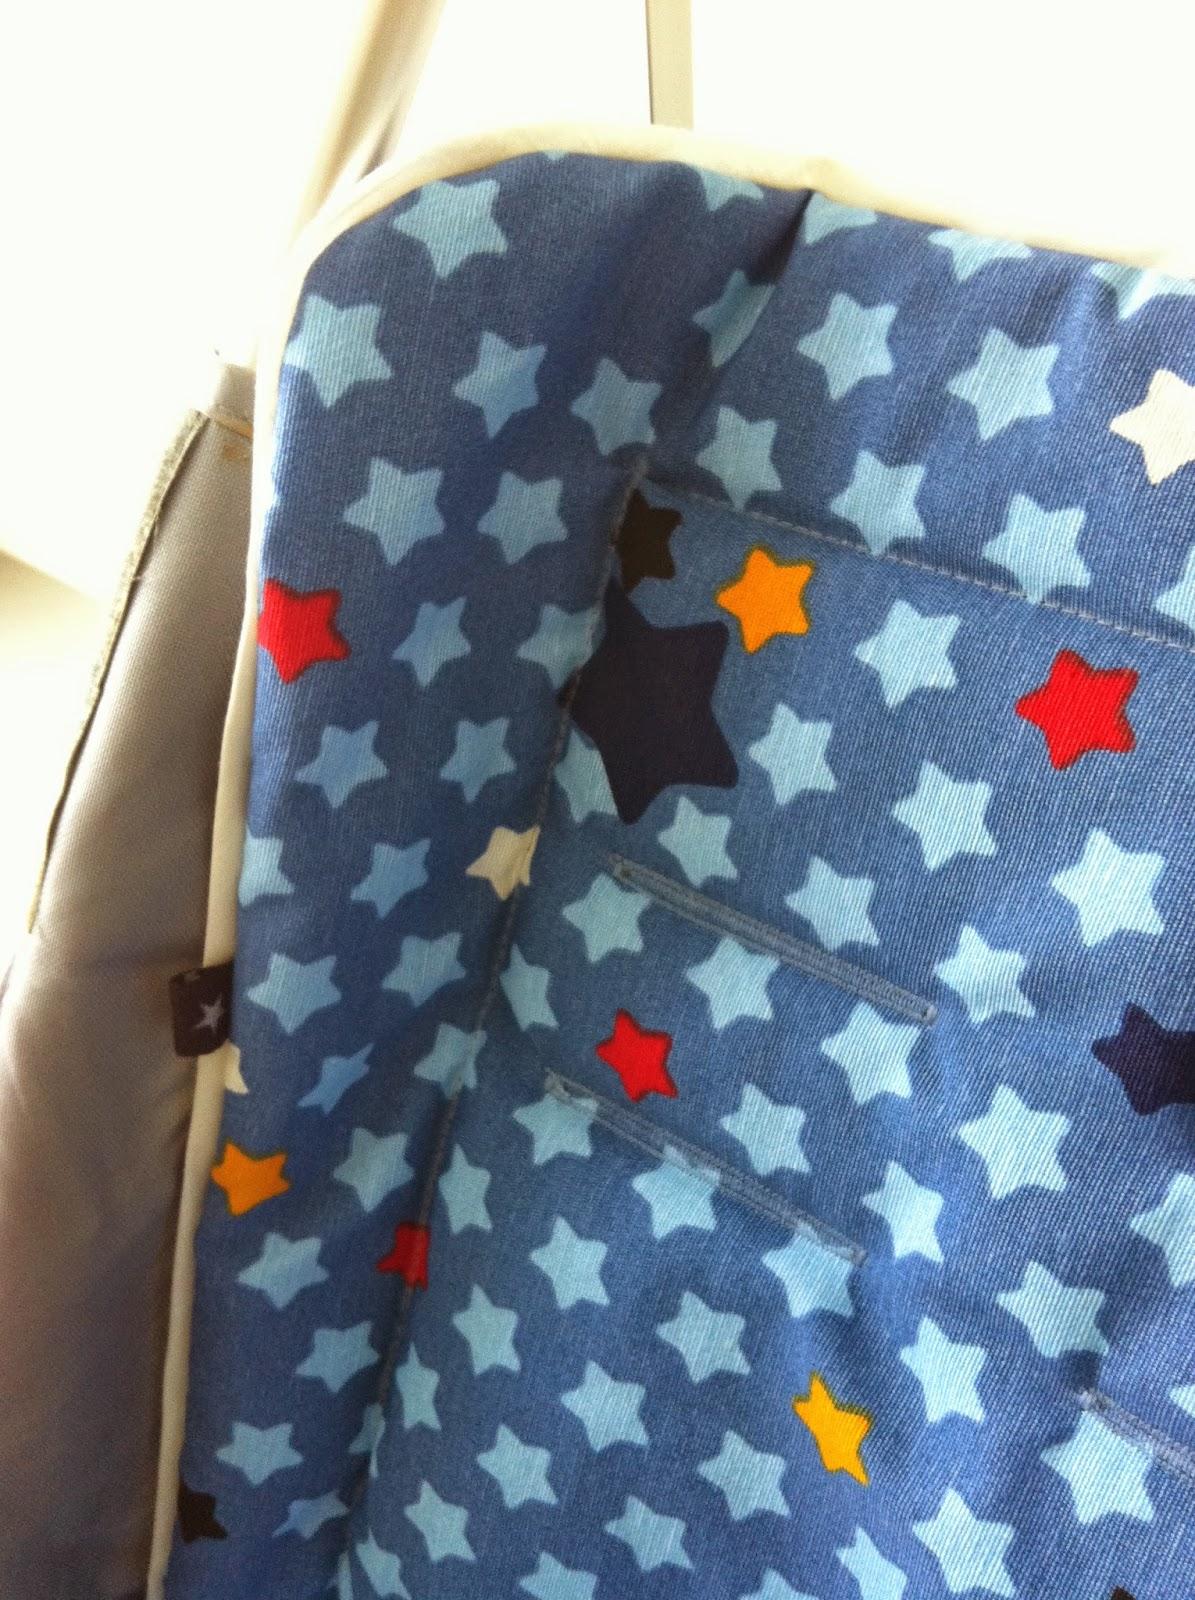 Nubebekids colchonetas ideales para sillas de paseo modelo universal - Colchonetas para sillas de paseo originales ...